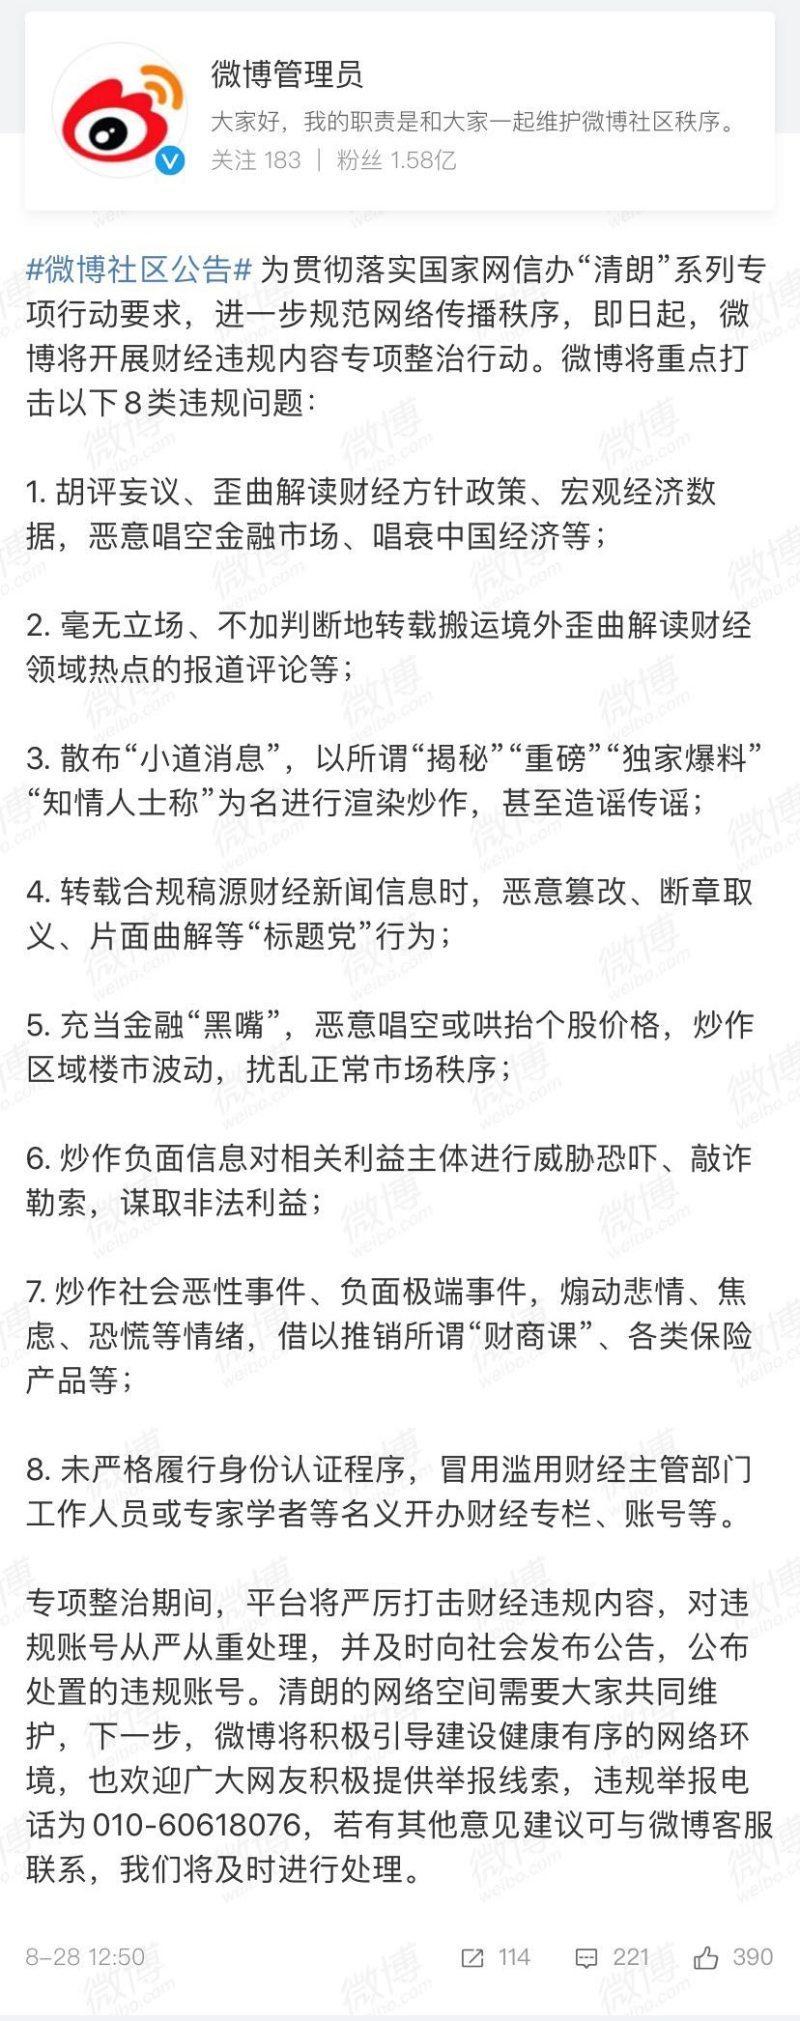 微博:开展财经违规内容专项整治行动